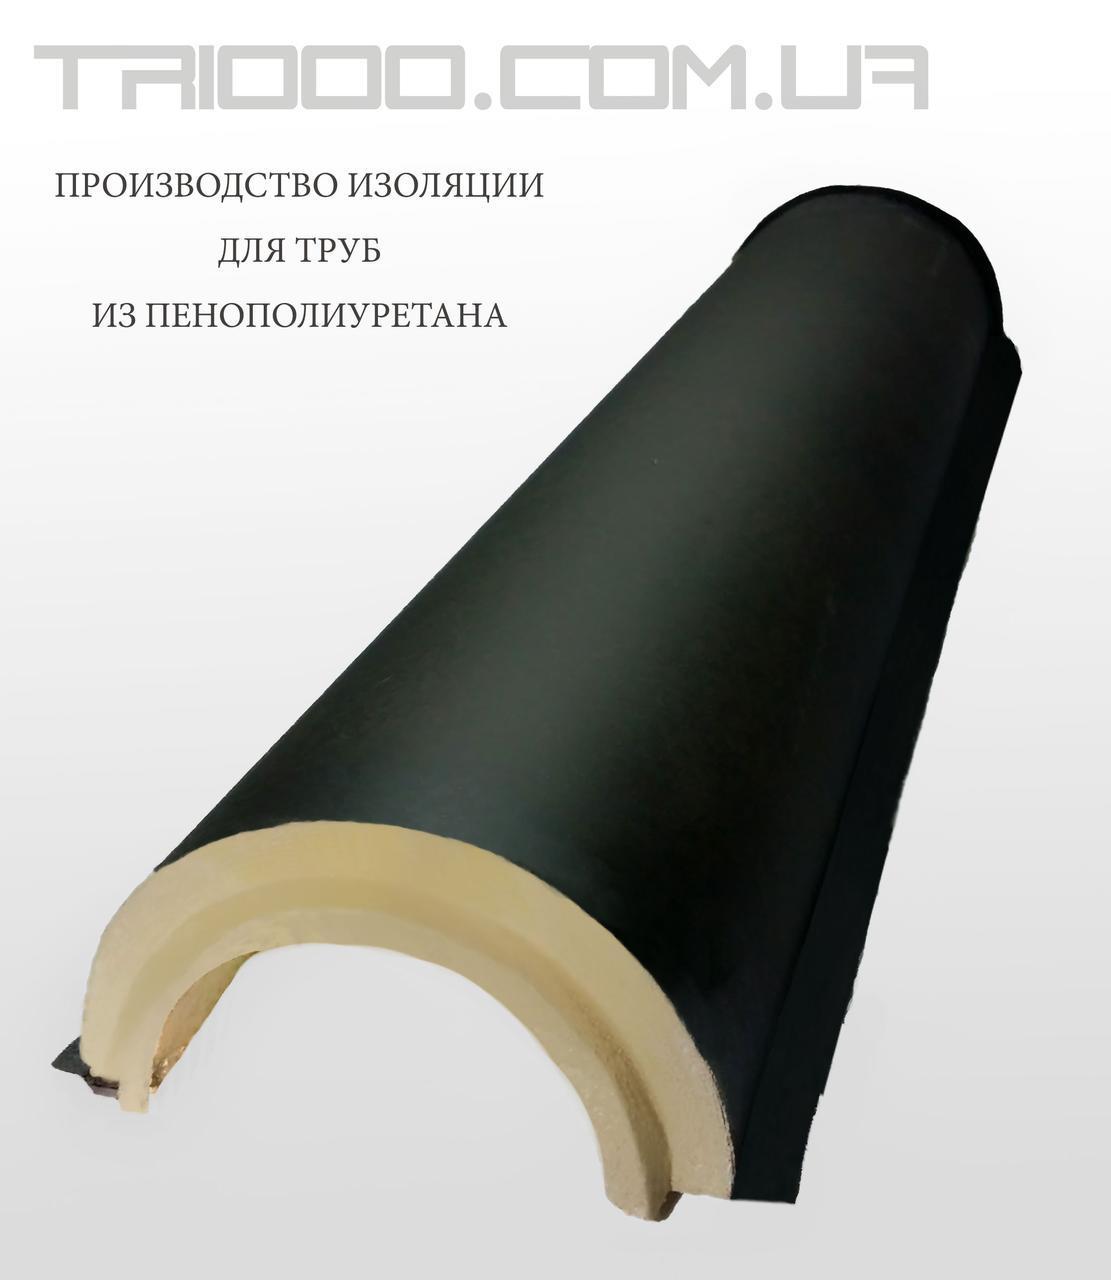 Сегменты теплоизоляционные для труб Ø 325/40 мм в покрытии из пергамина